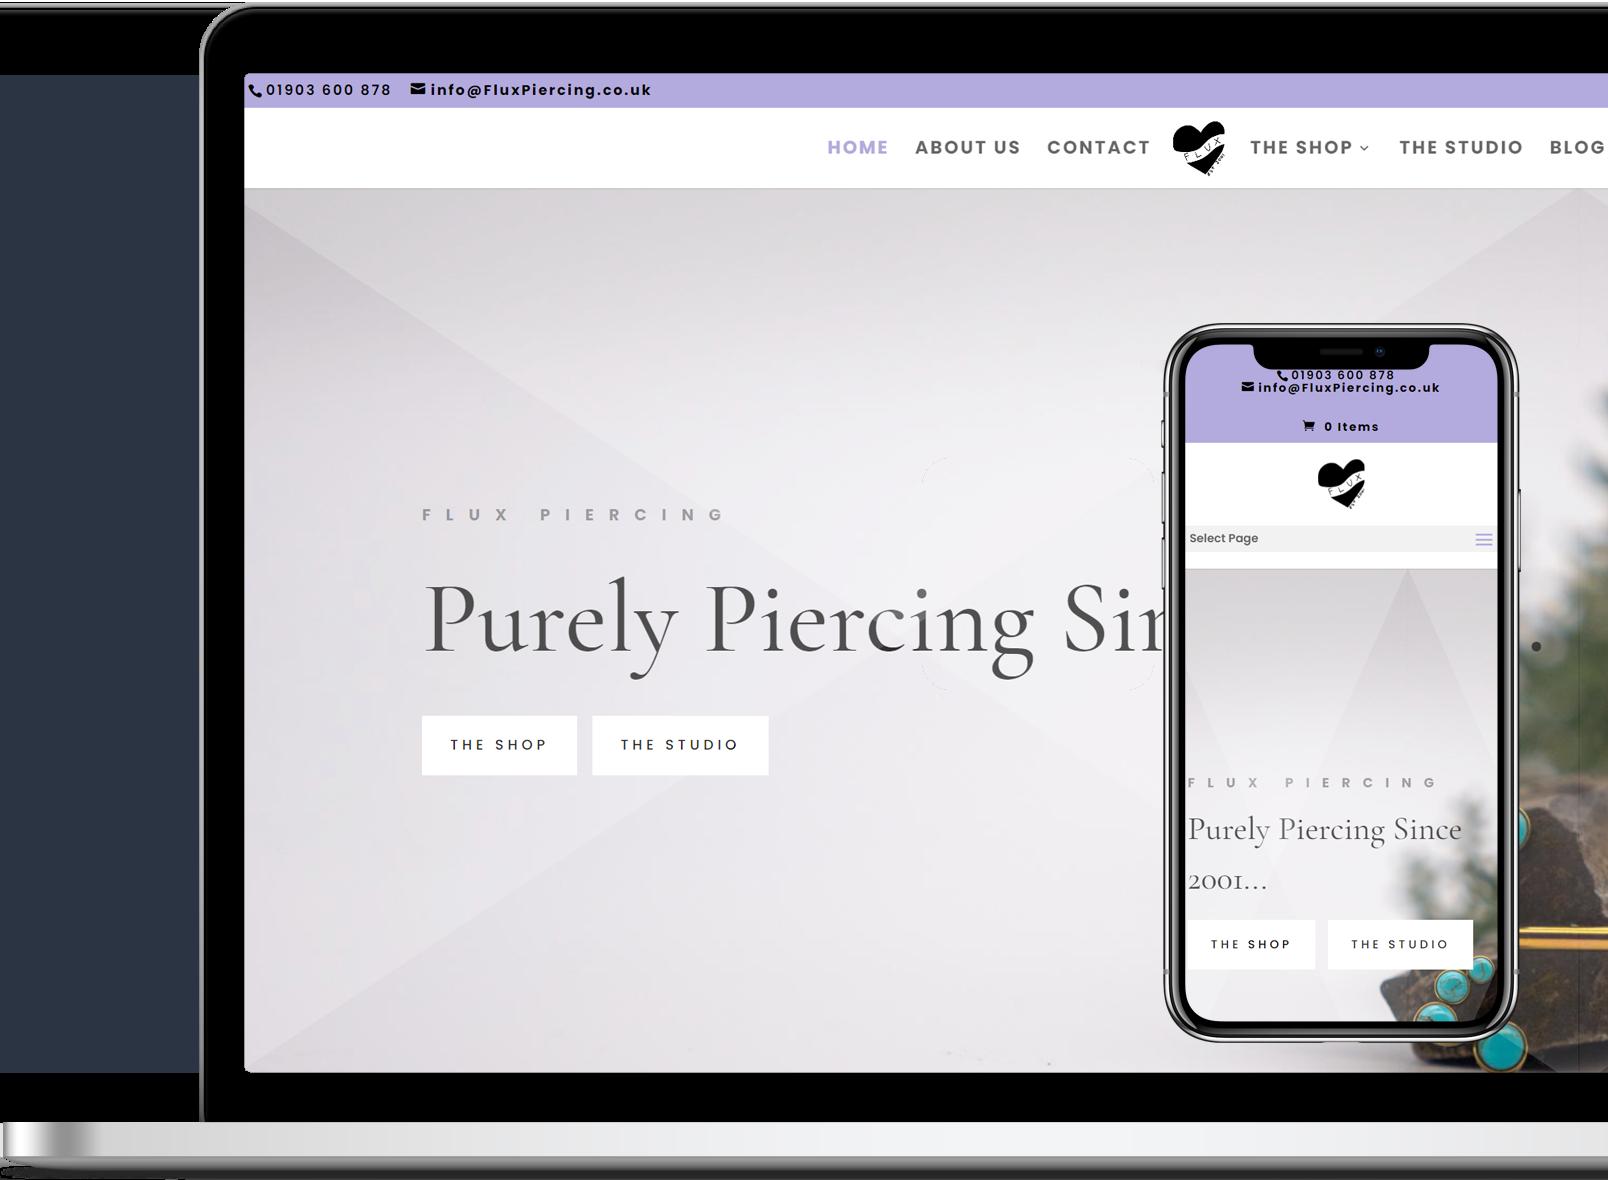 Website Portfolio: Flux Piercing